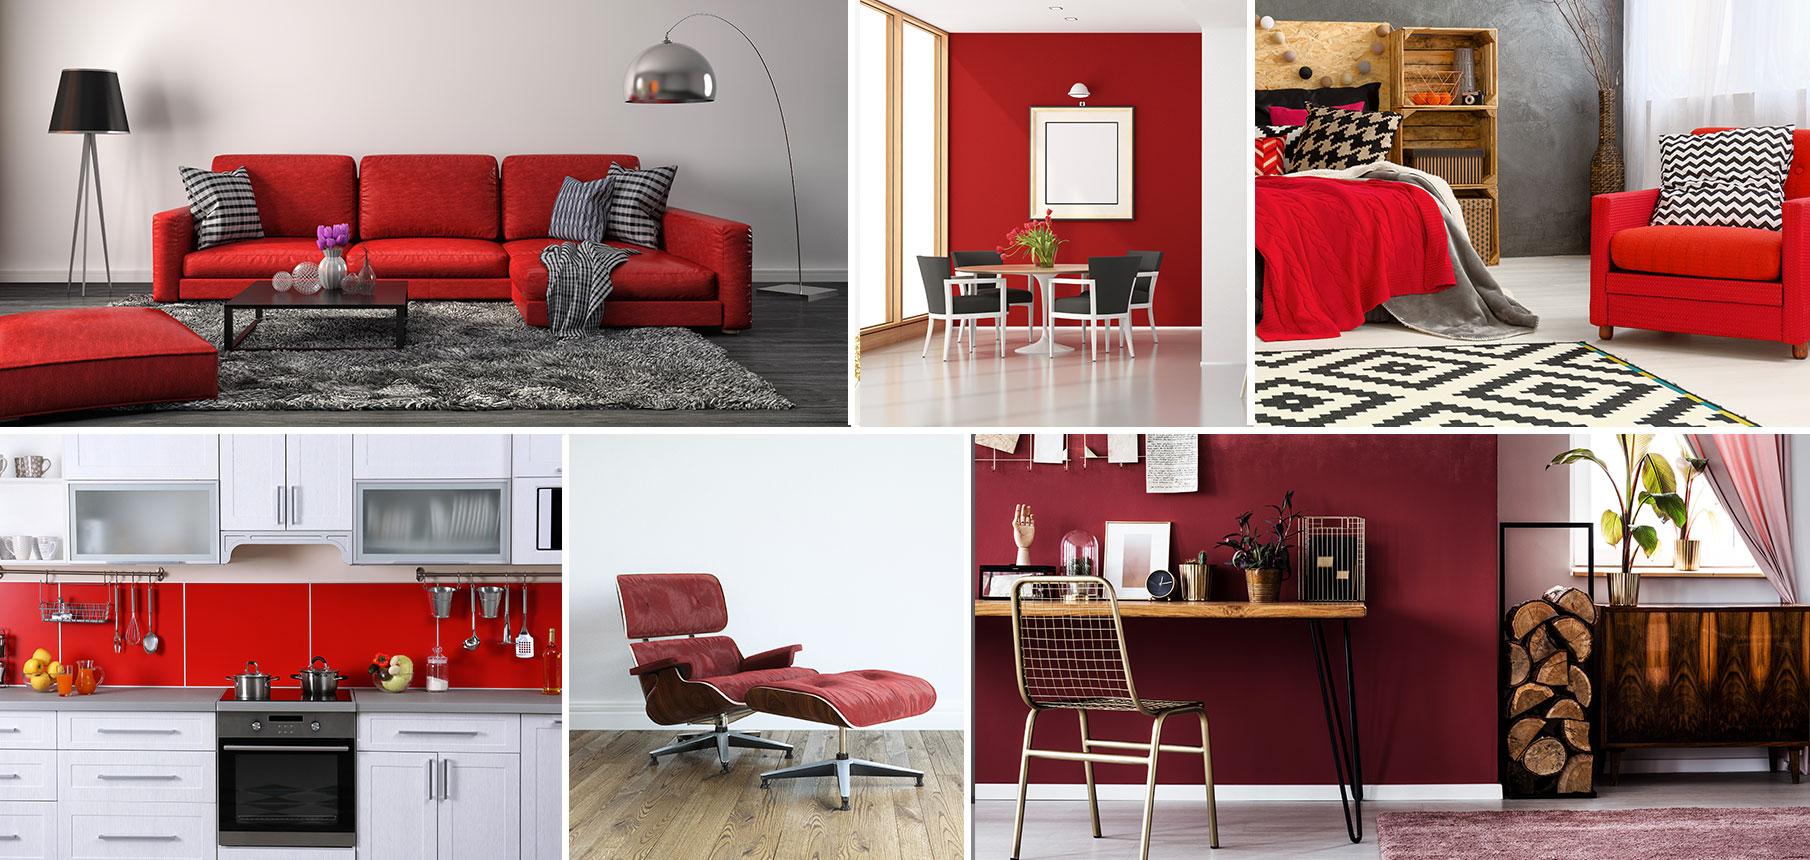 rouge couleur rouge. Black Bedroom Furniture Sets. Home Design Ideas